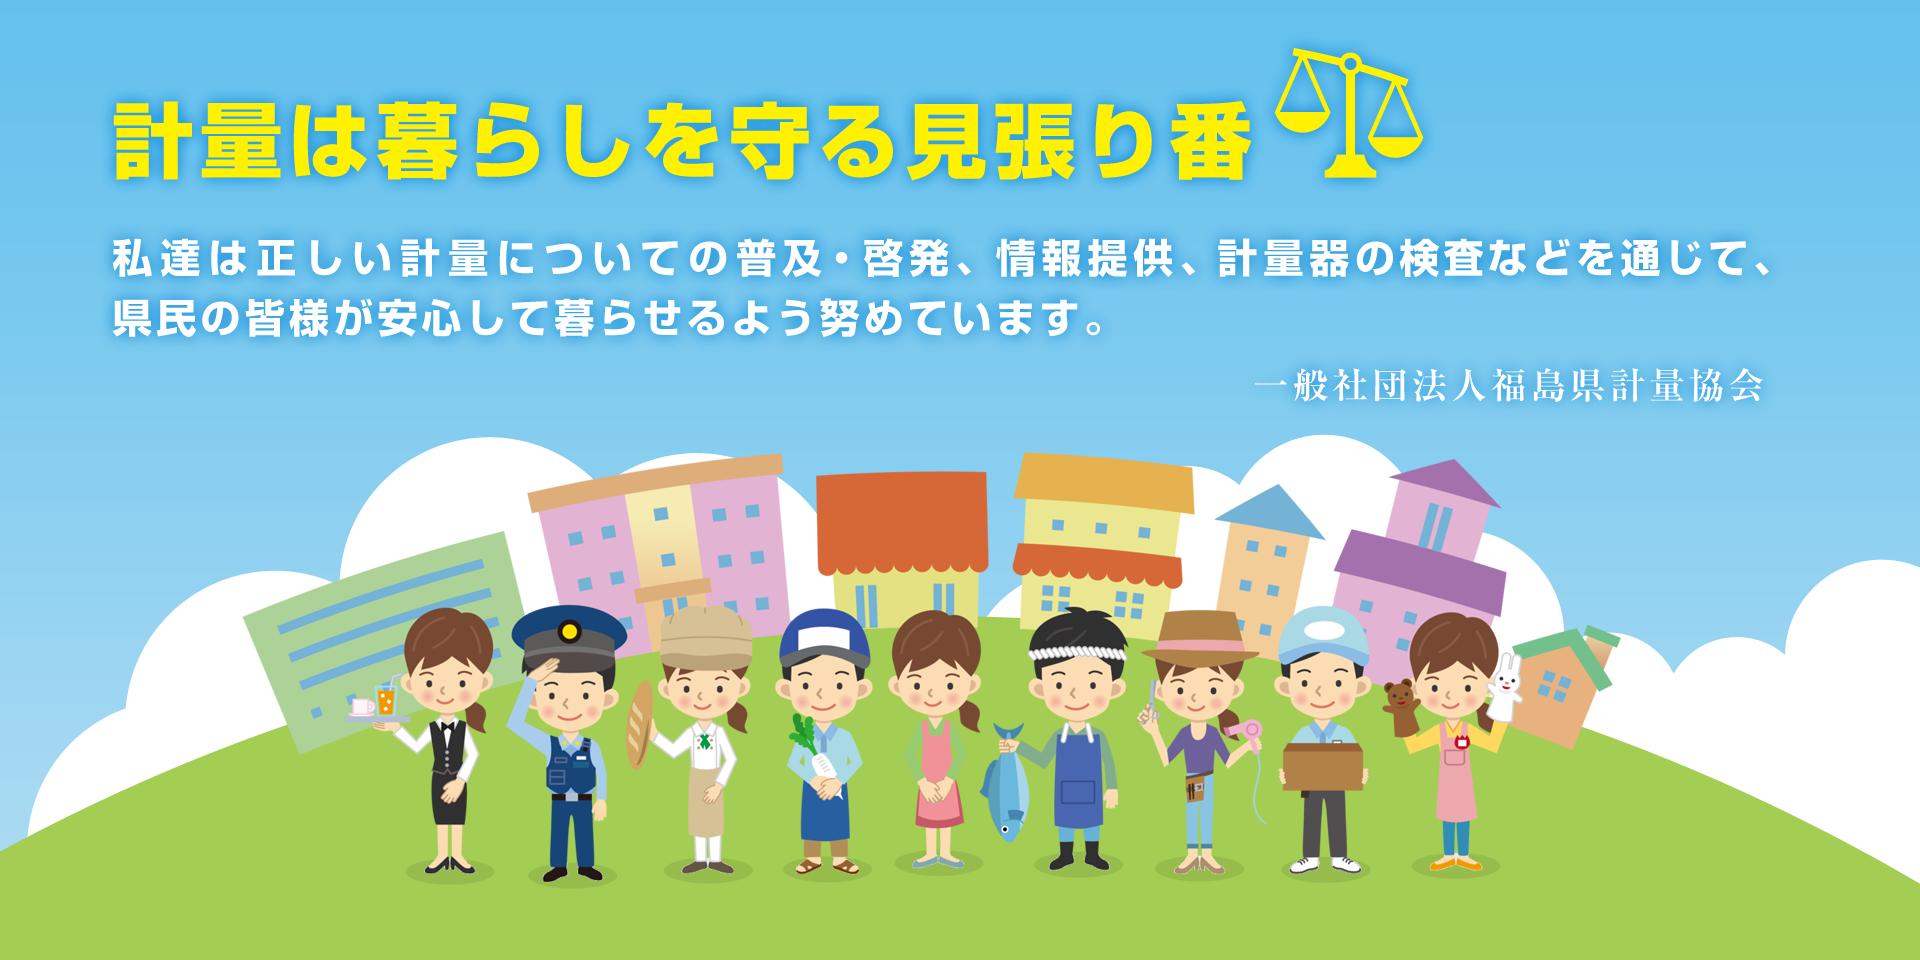 一般社団法人福島県計量協会